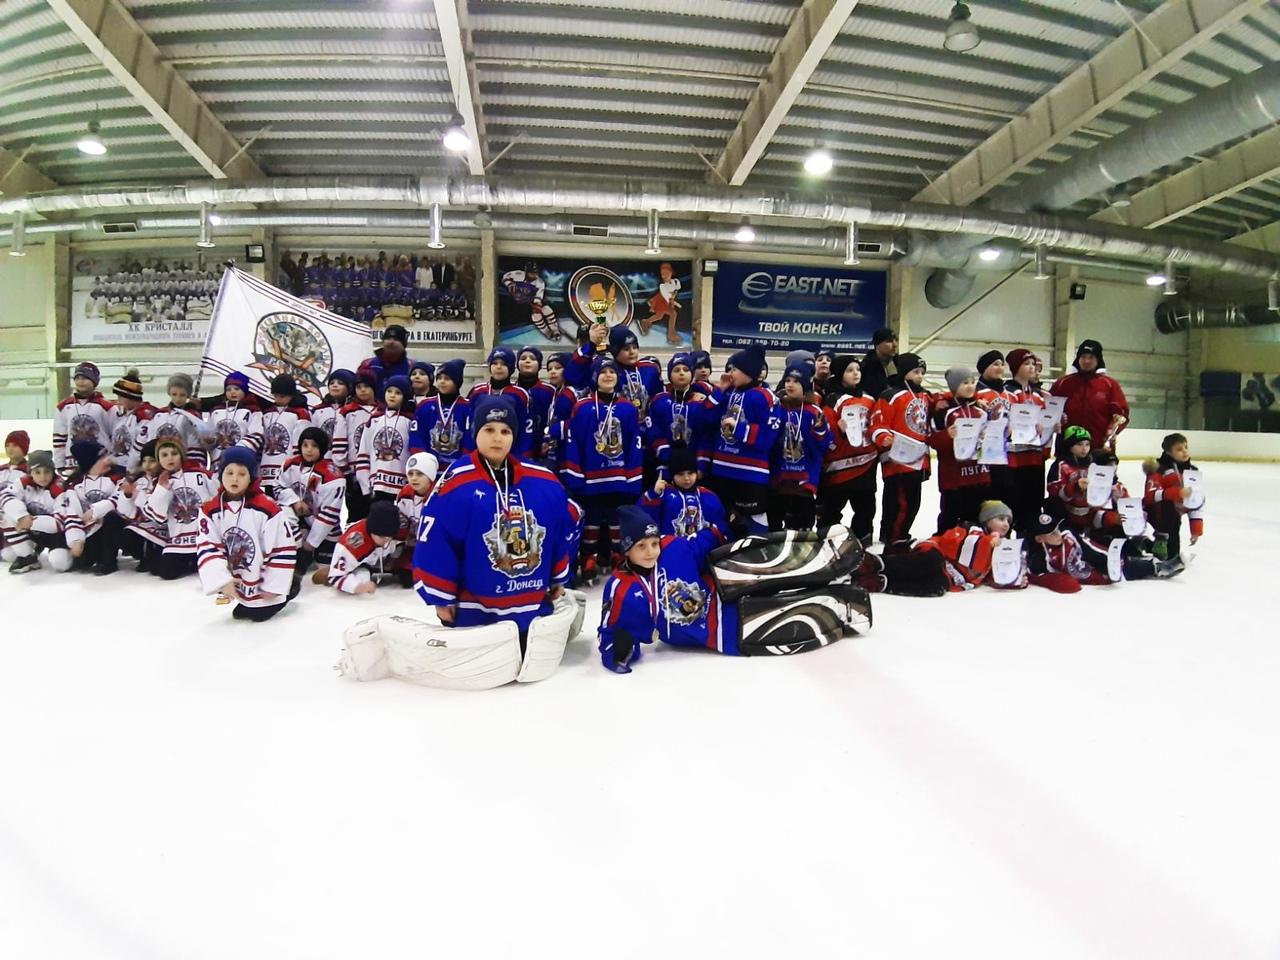 В Донецке прошёл детский городской турнир по хоккею с шайбой, посвящённый Дню защитника Отечества